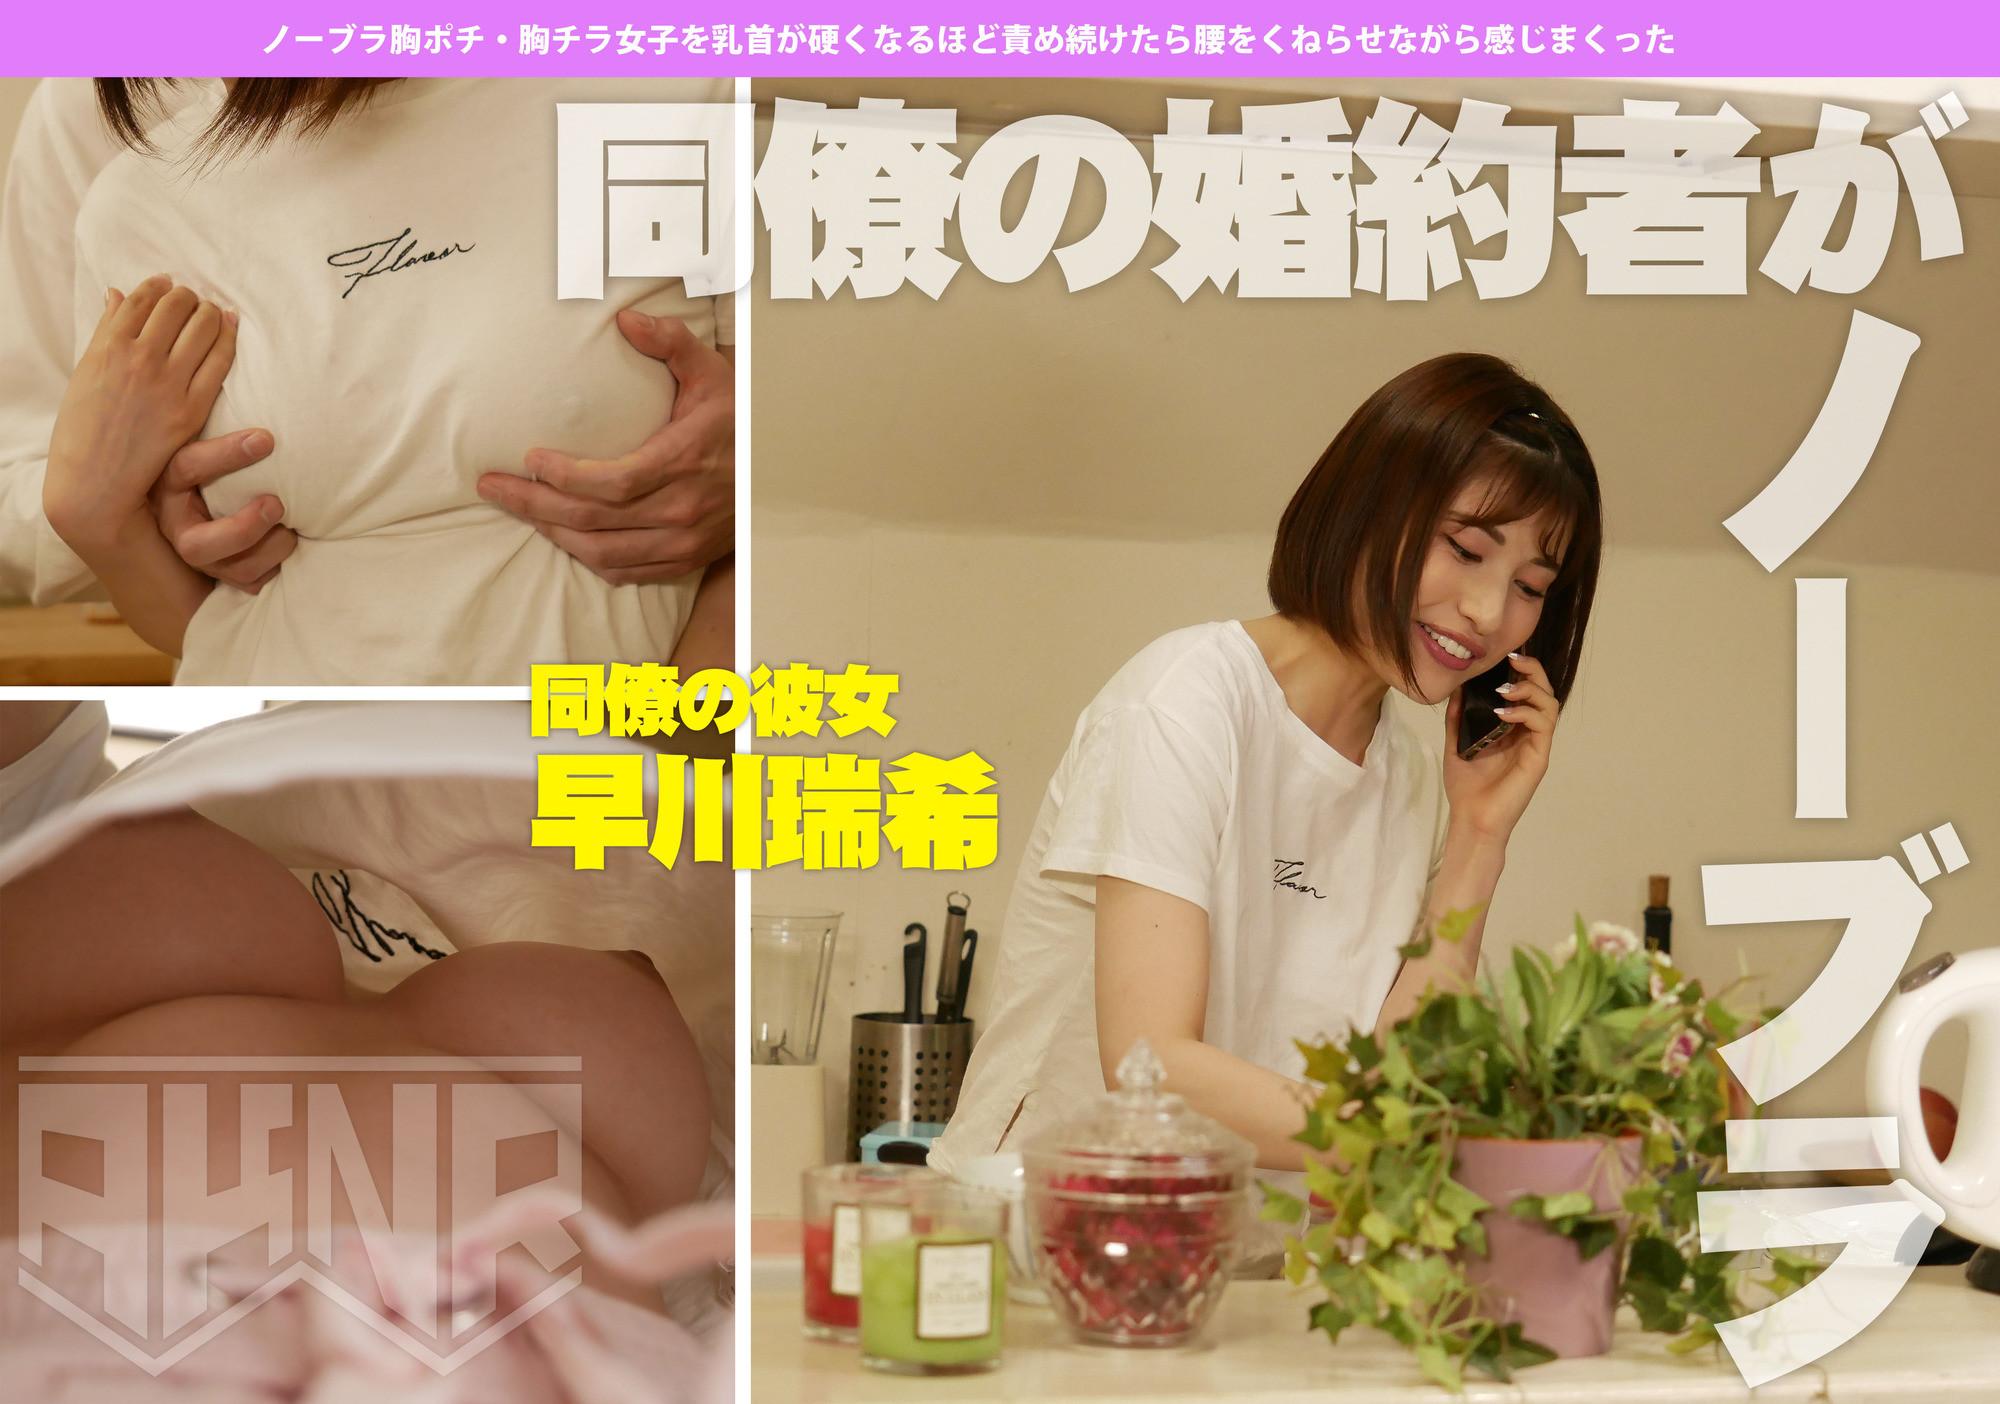 ノーブラ胸ポチ・胸チラ女子を乳首が硬くなるほど責め続けたら腰をくねらせながら感じまくった 画像5